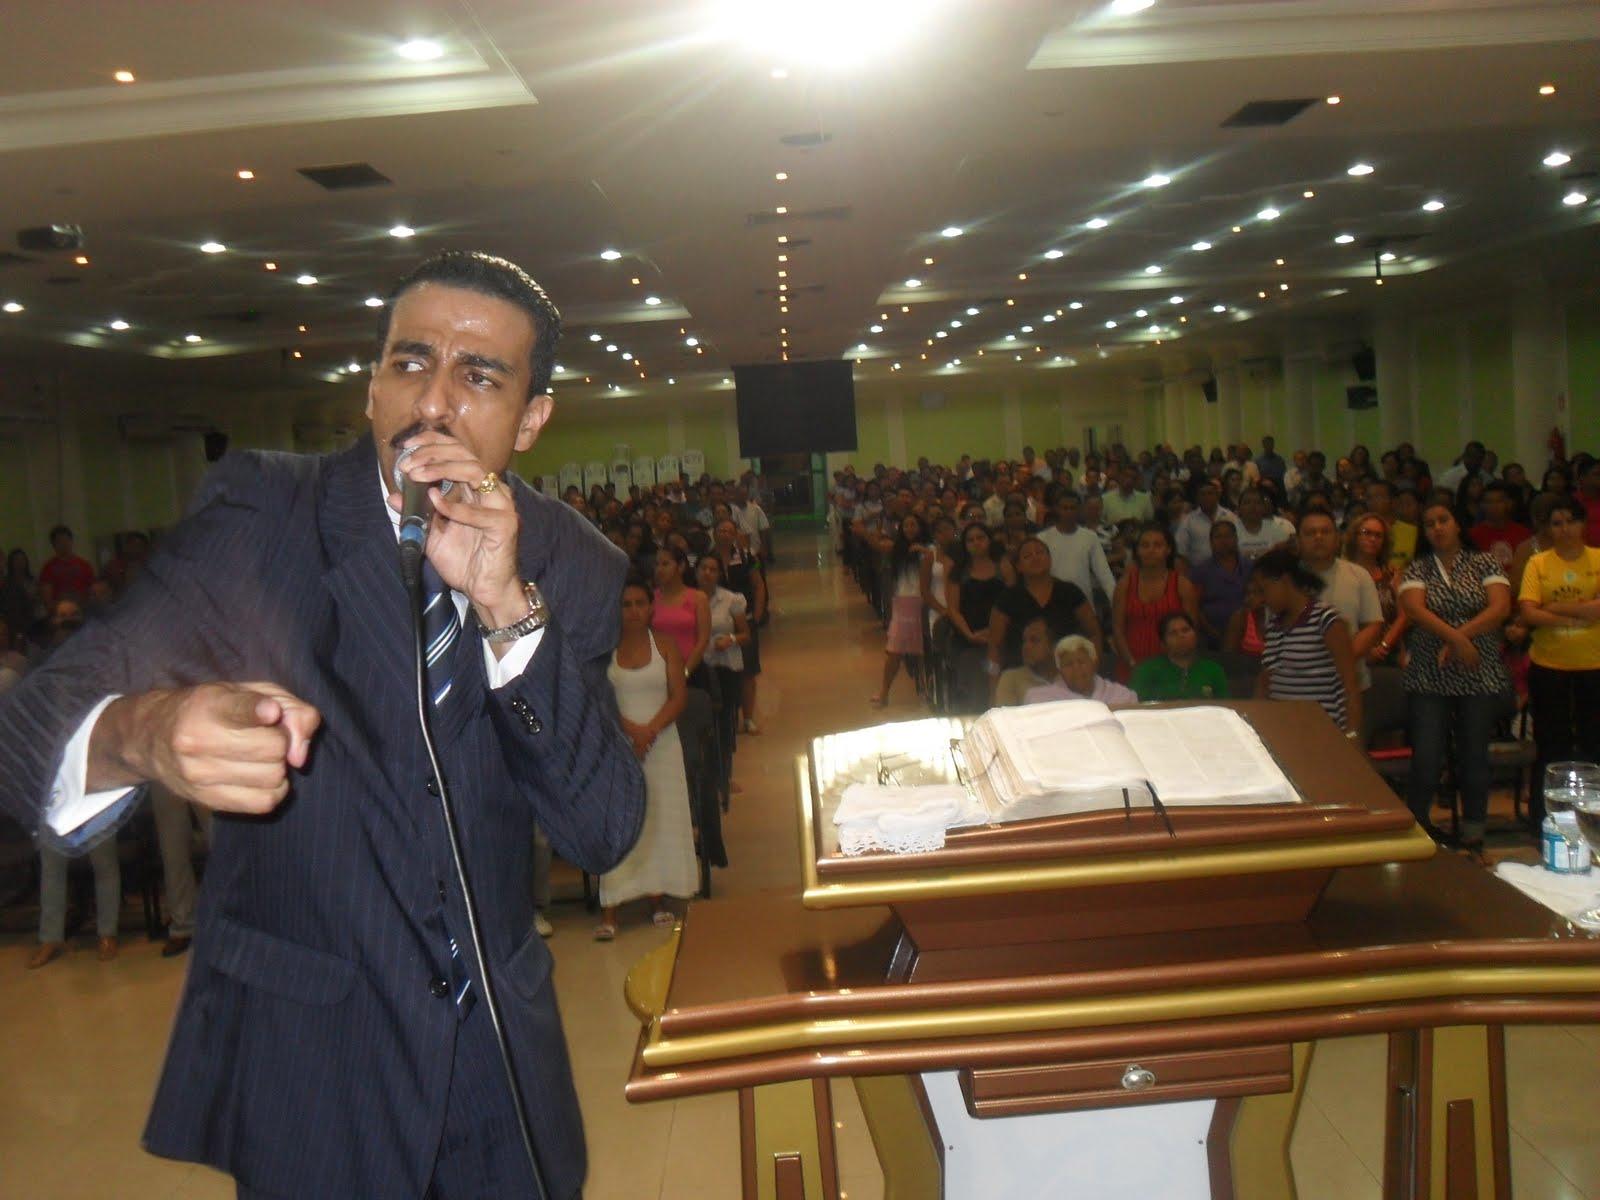 Pastor da igreja assembleia de deus de sergipe comendo fiel casada - 3 2